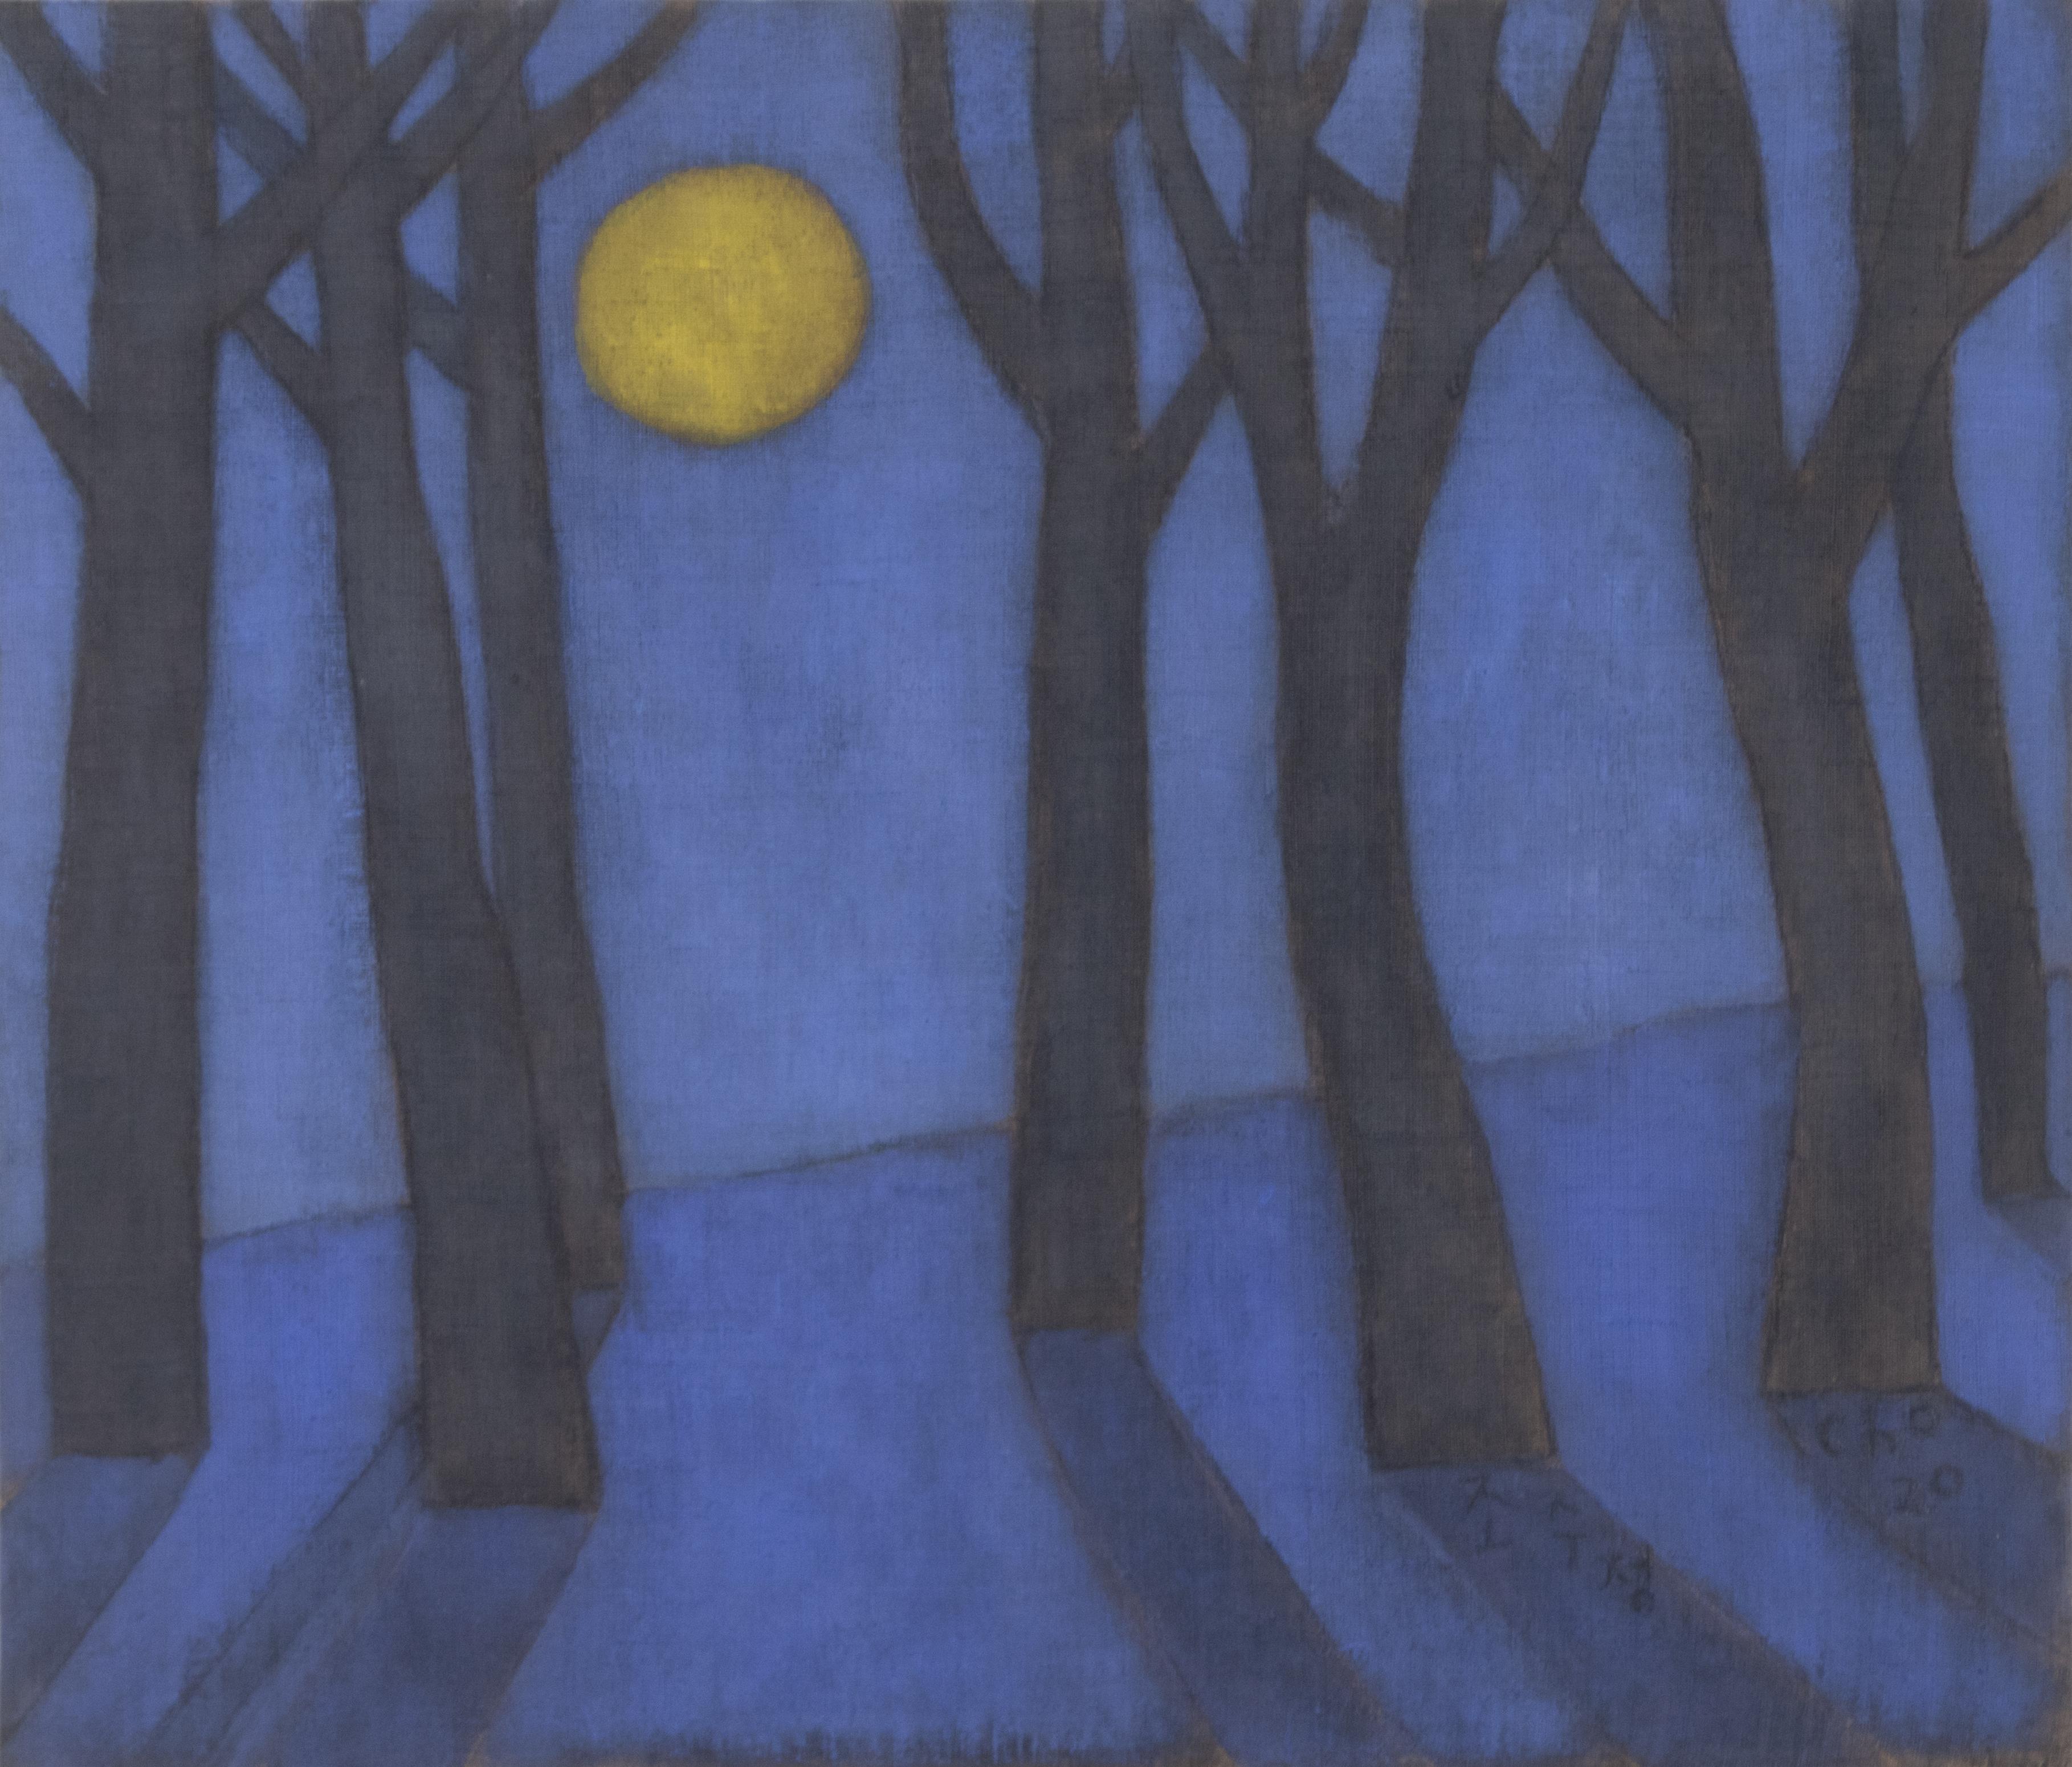 조수정2, 푸른 강원의 달밤, 45.3 x 53